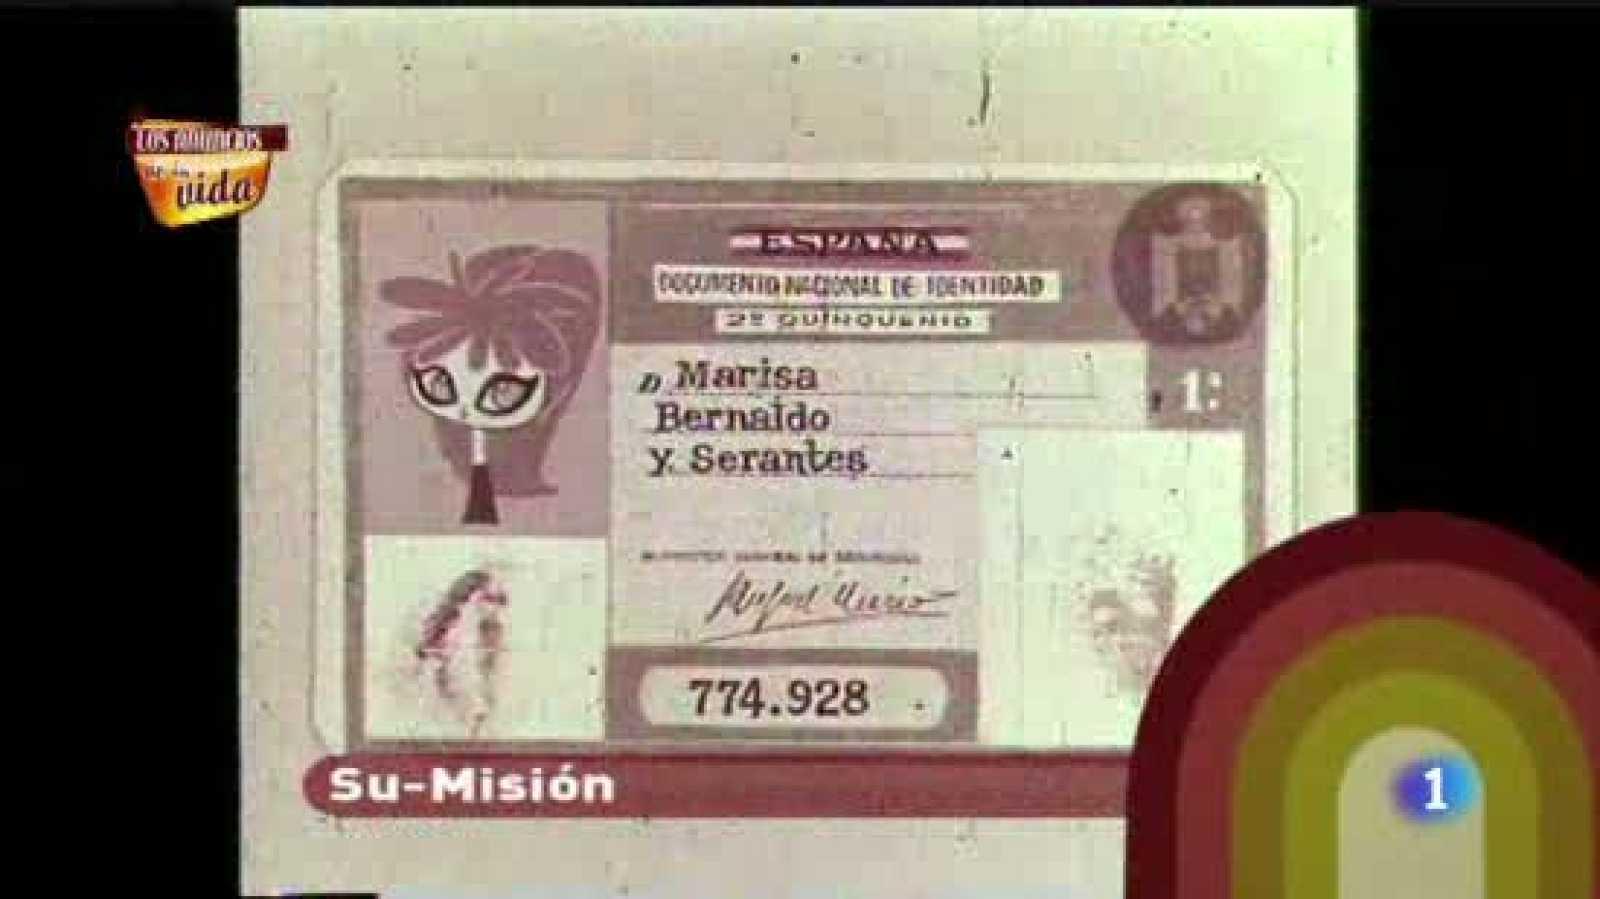 """Los anuncios de tu vida - """"Su-misión"""""""